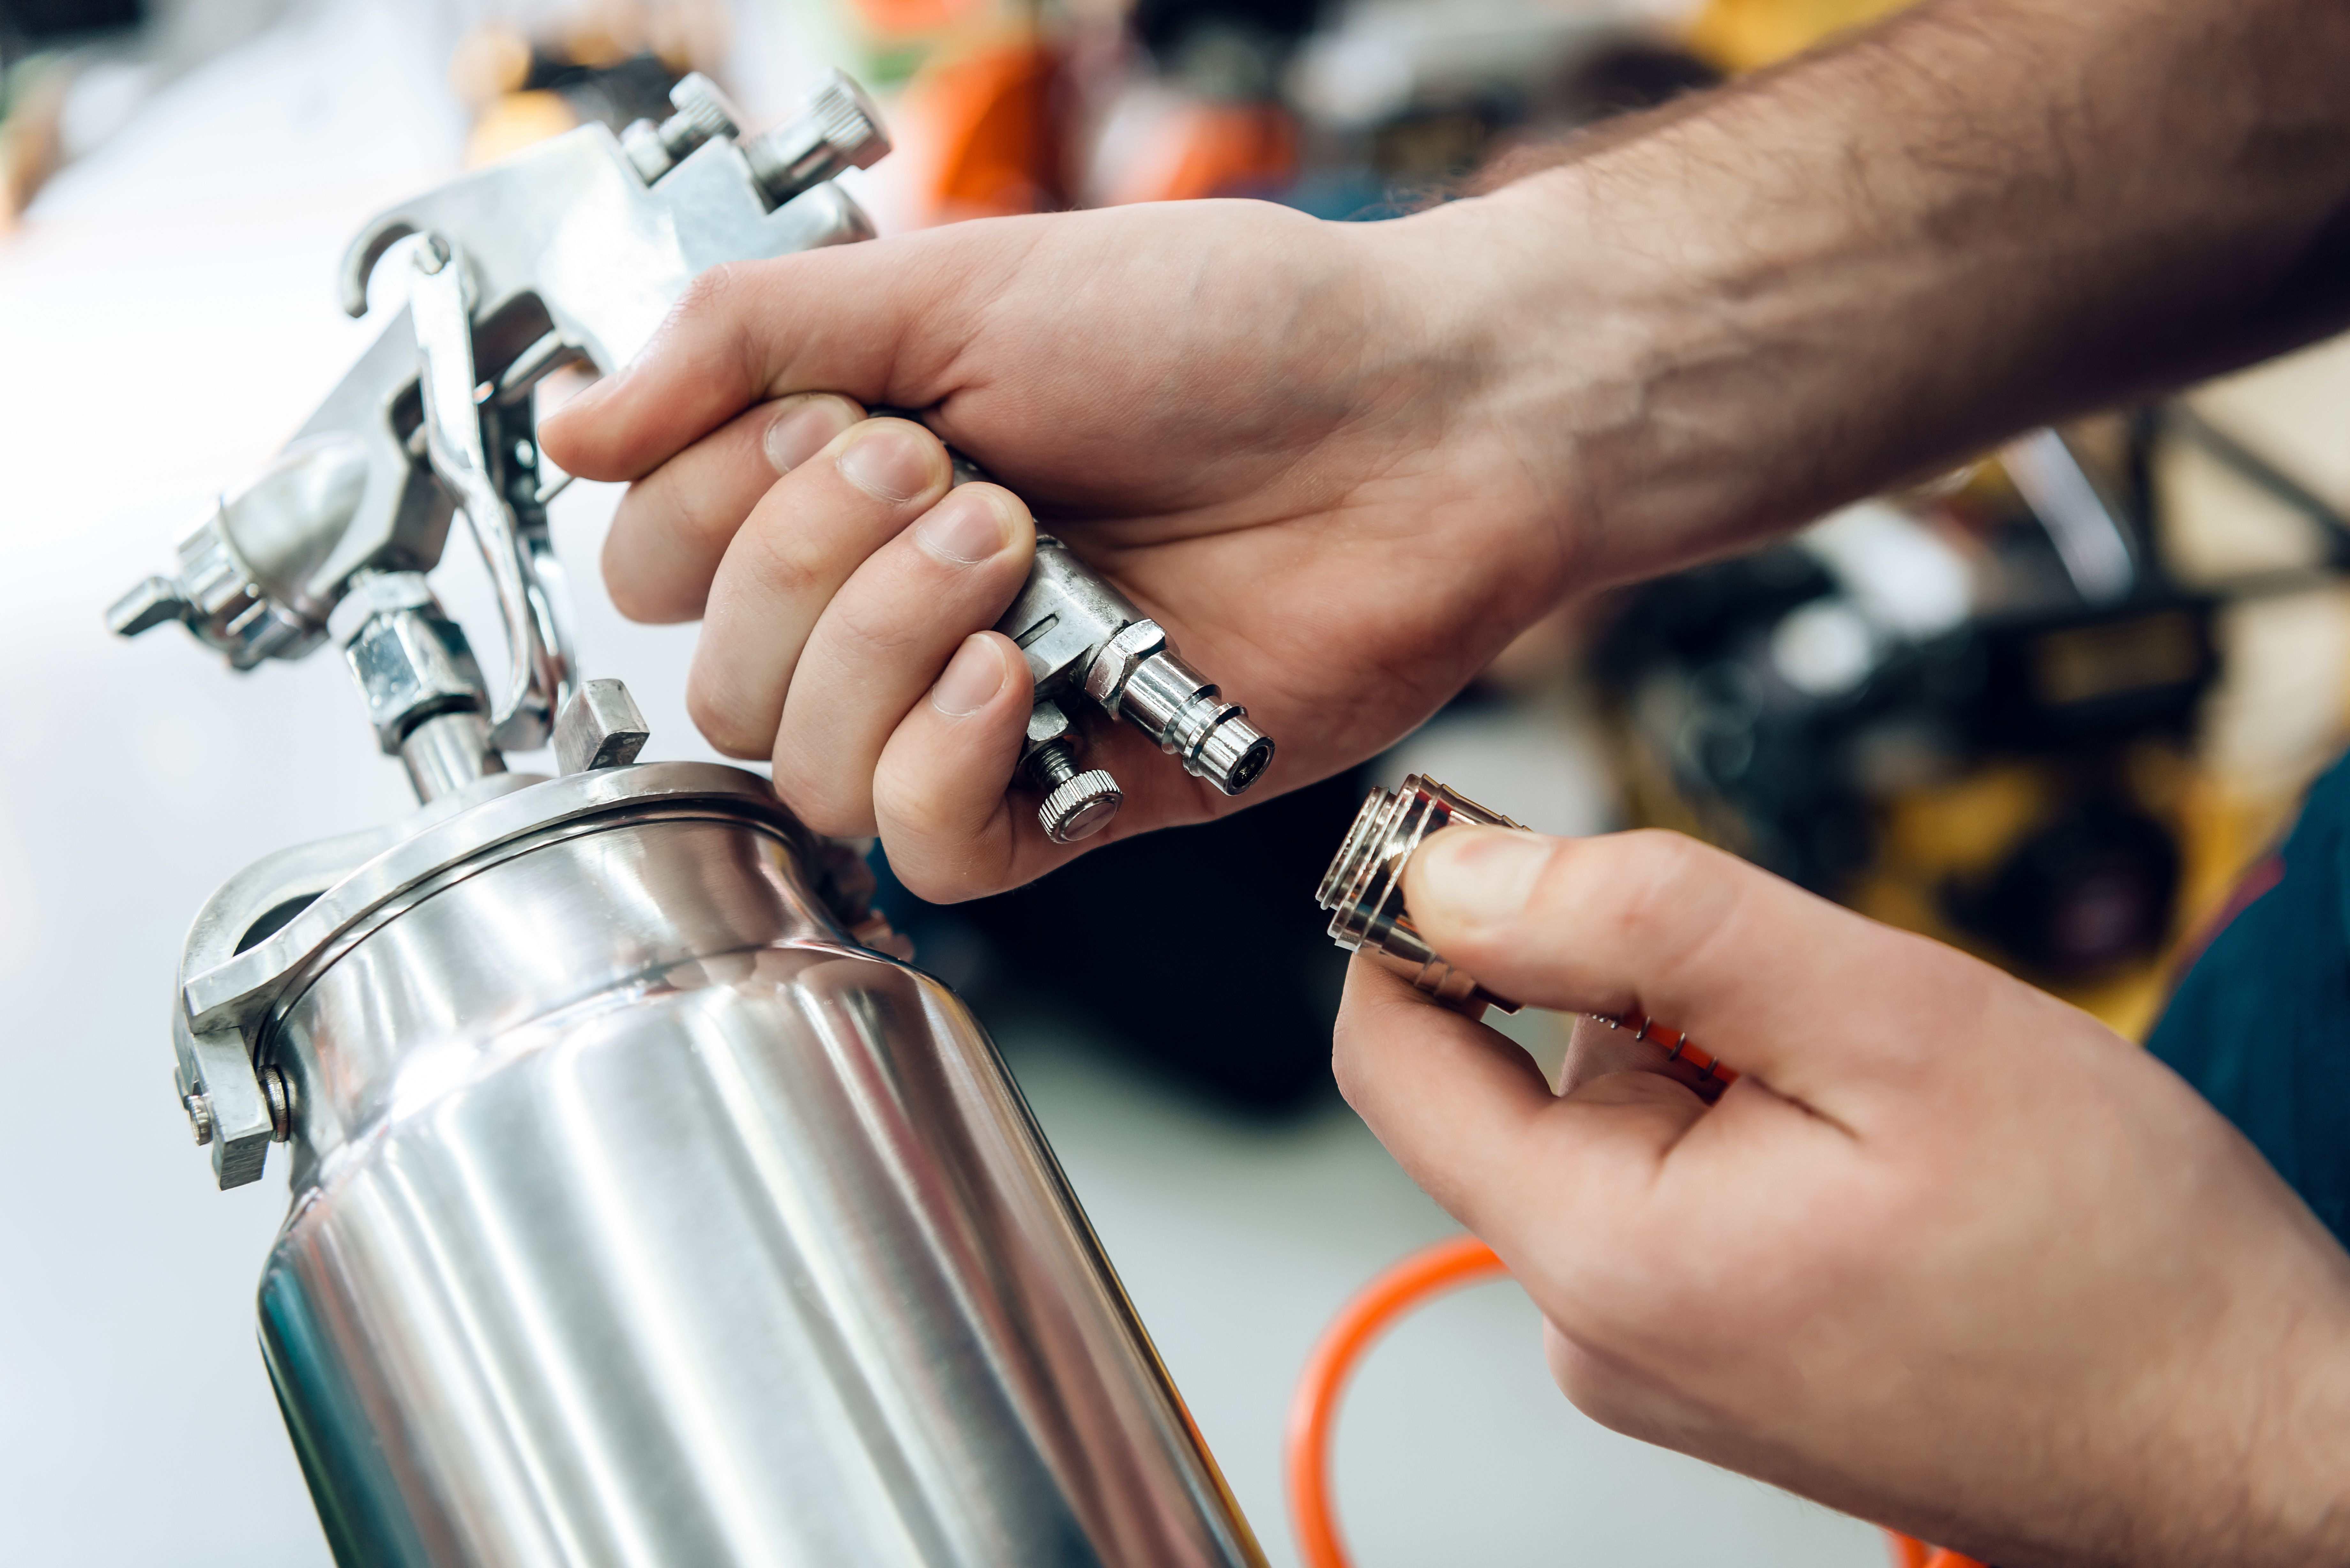 Comment choisir ses outils pneumatiques